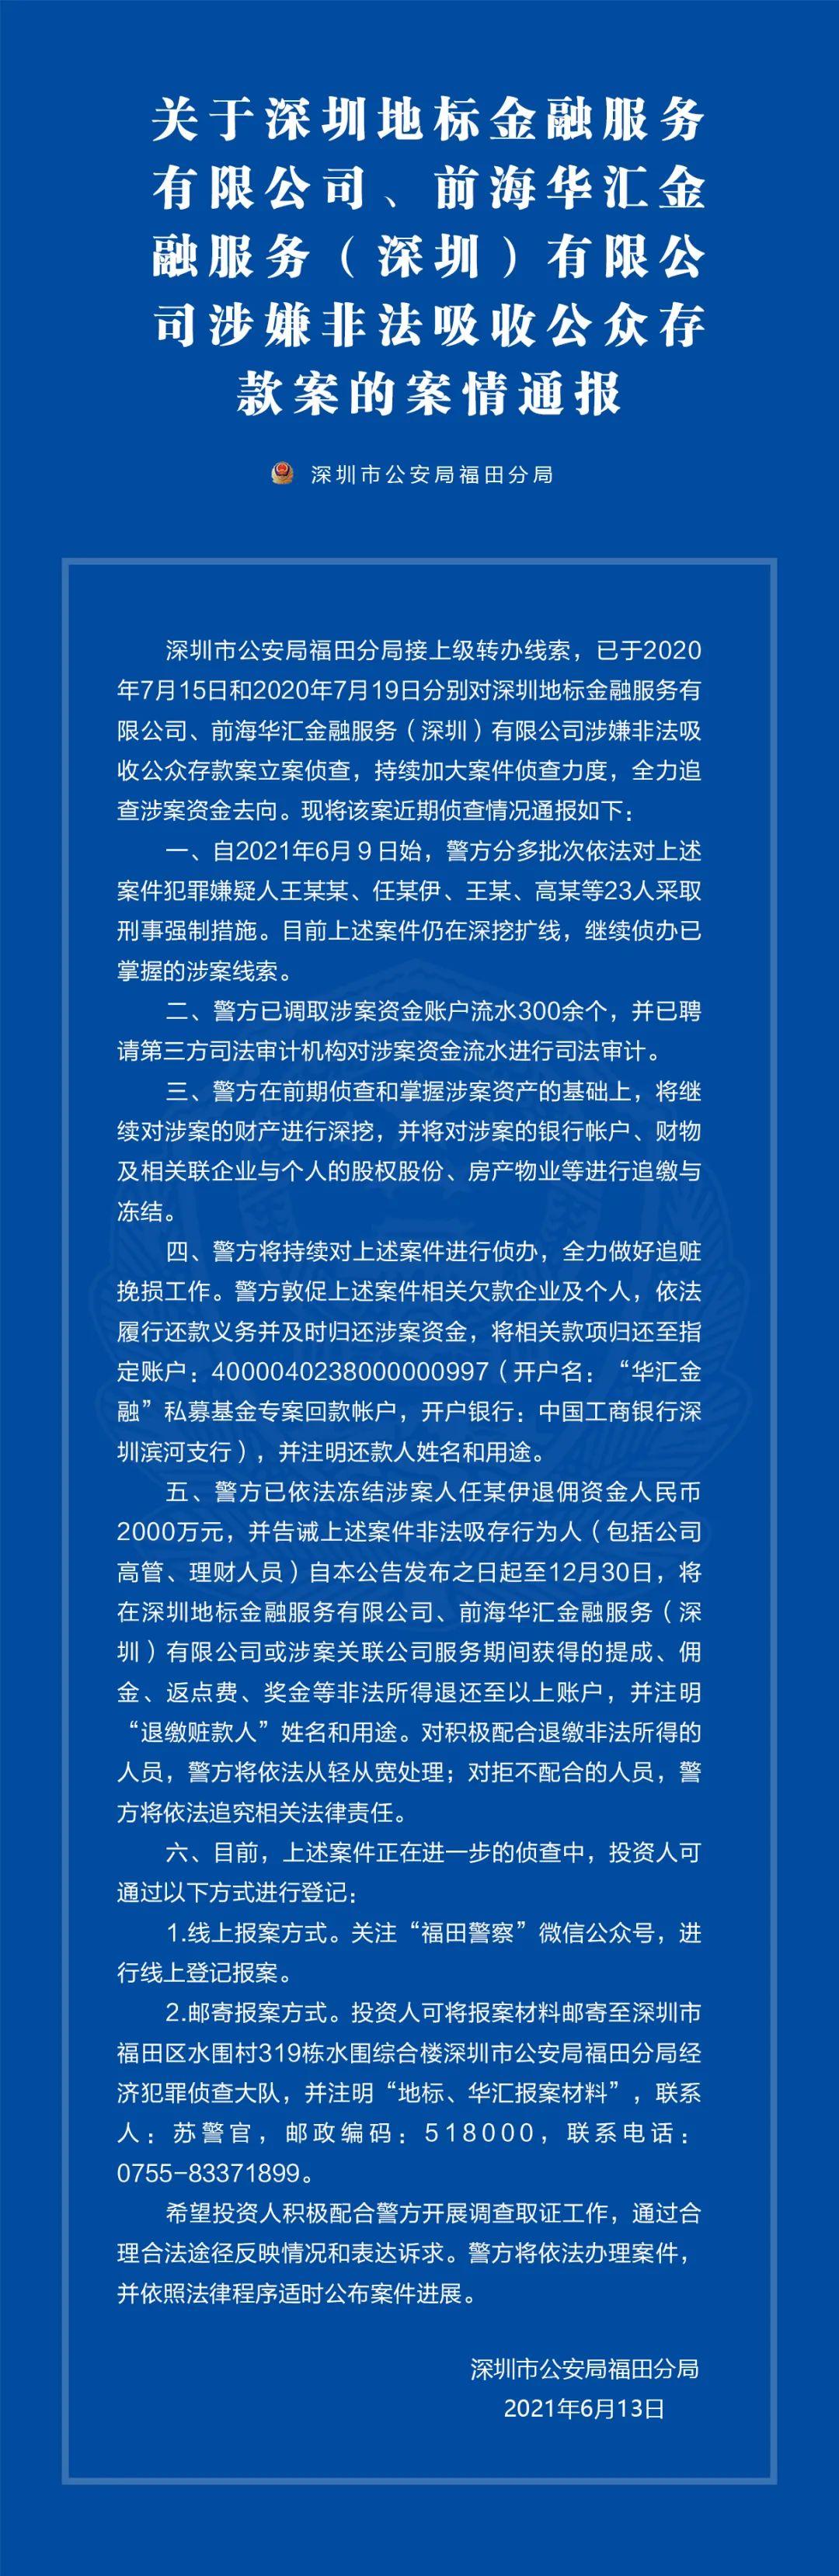 """深圳P2P平台""""地标金融""""、""""前海华汇""""非吸案最新案件进展:冻结涉案资金2000万元 23人已被抓"""